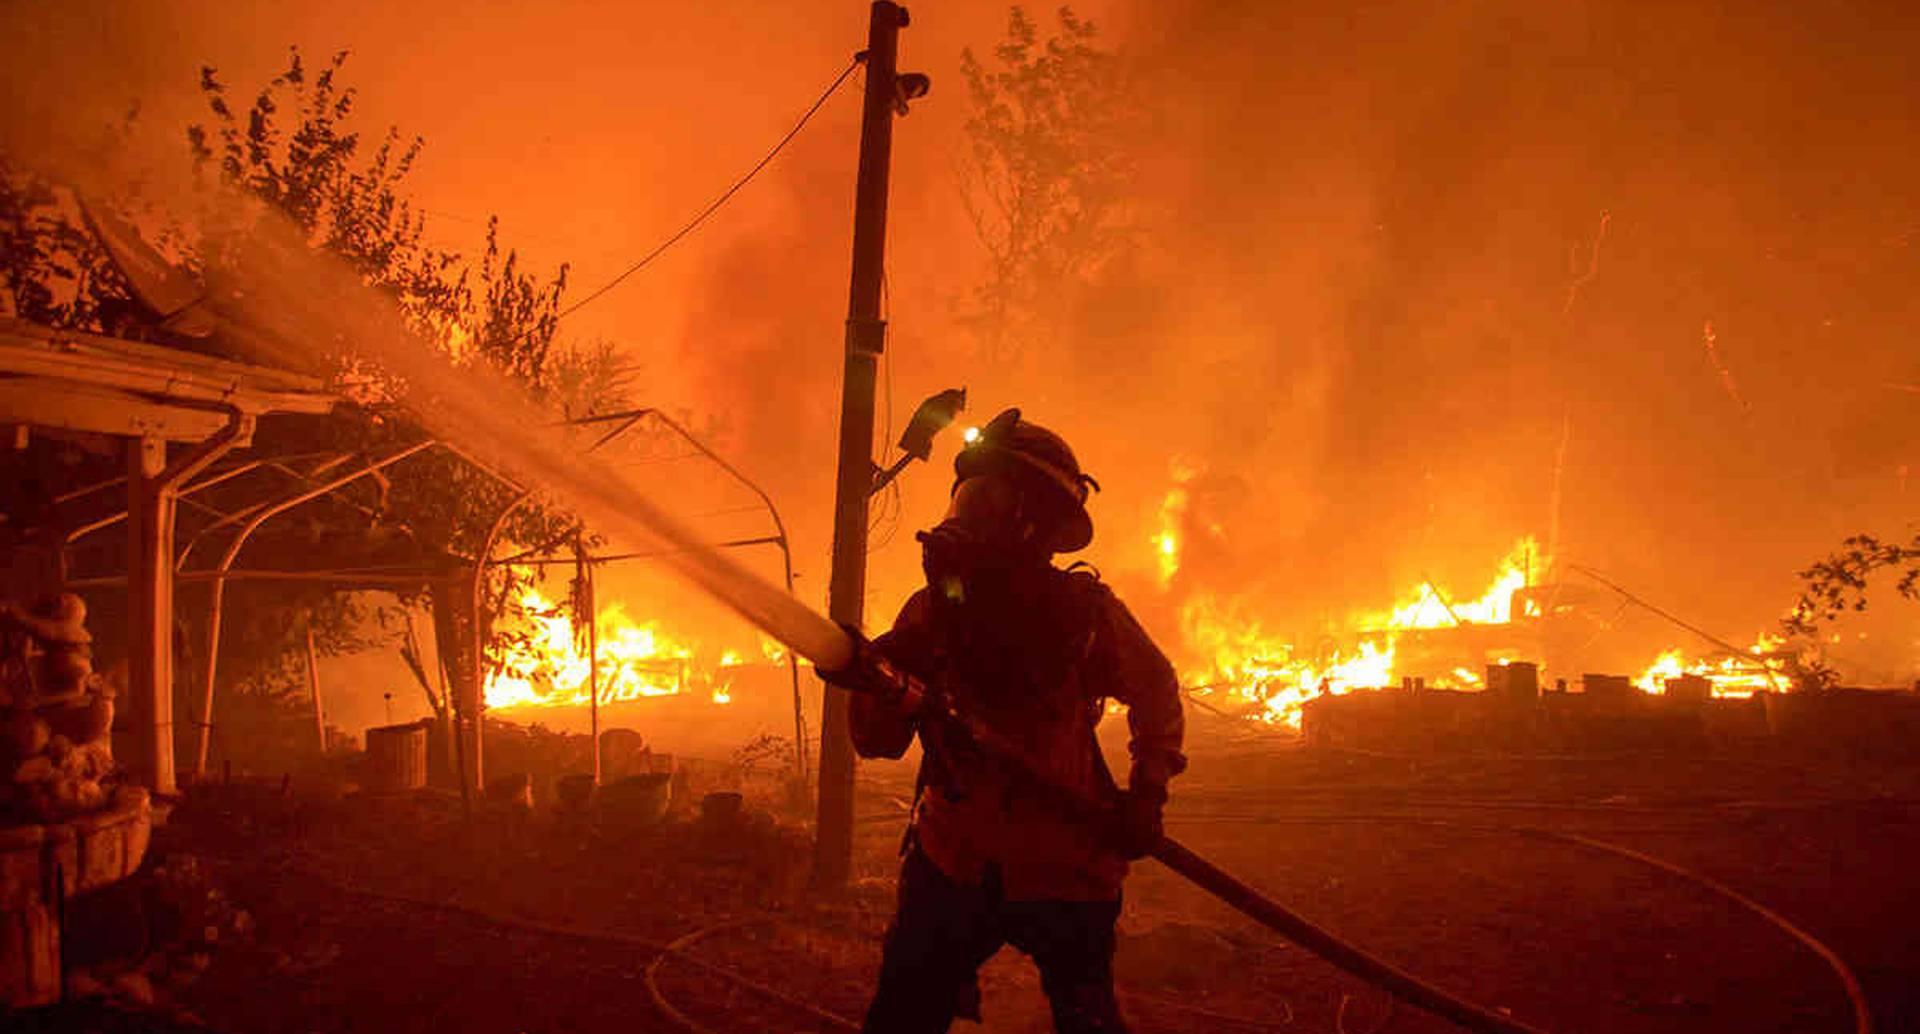 Un bombero trabaja contra el incendio del lago Hughes en el Bosque Nacional Ángeles, el miércoles 12 de agosto de 2020, al norte de Santa Clarita, California. Foto: Ringo H.W. Chiu / AP